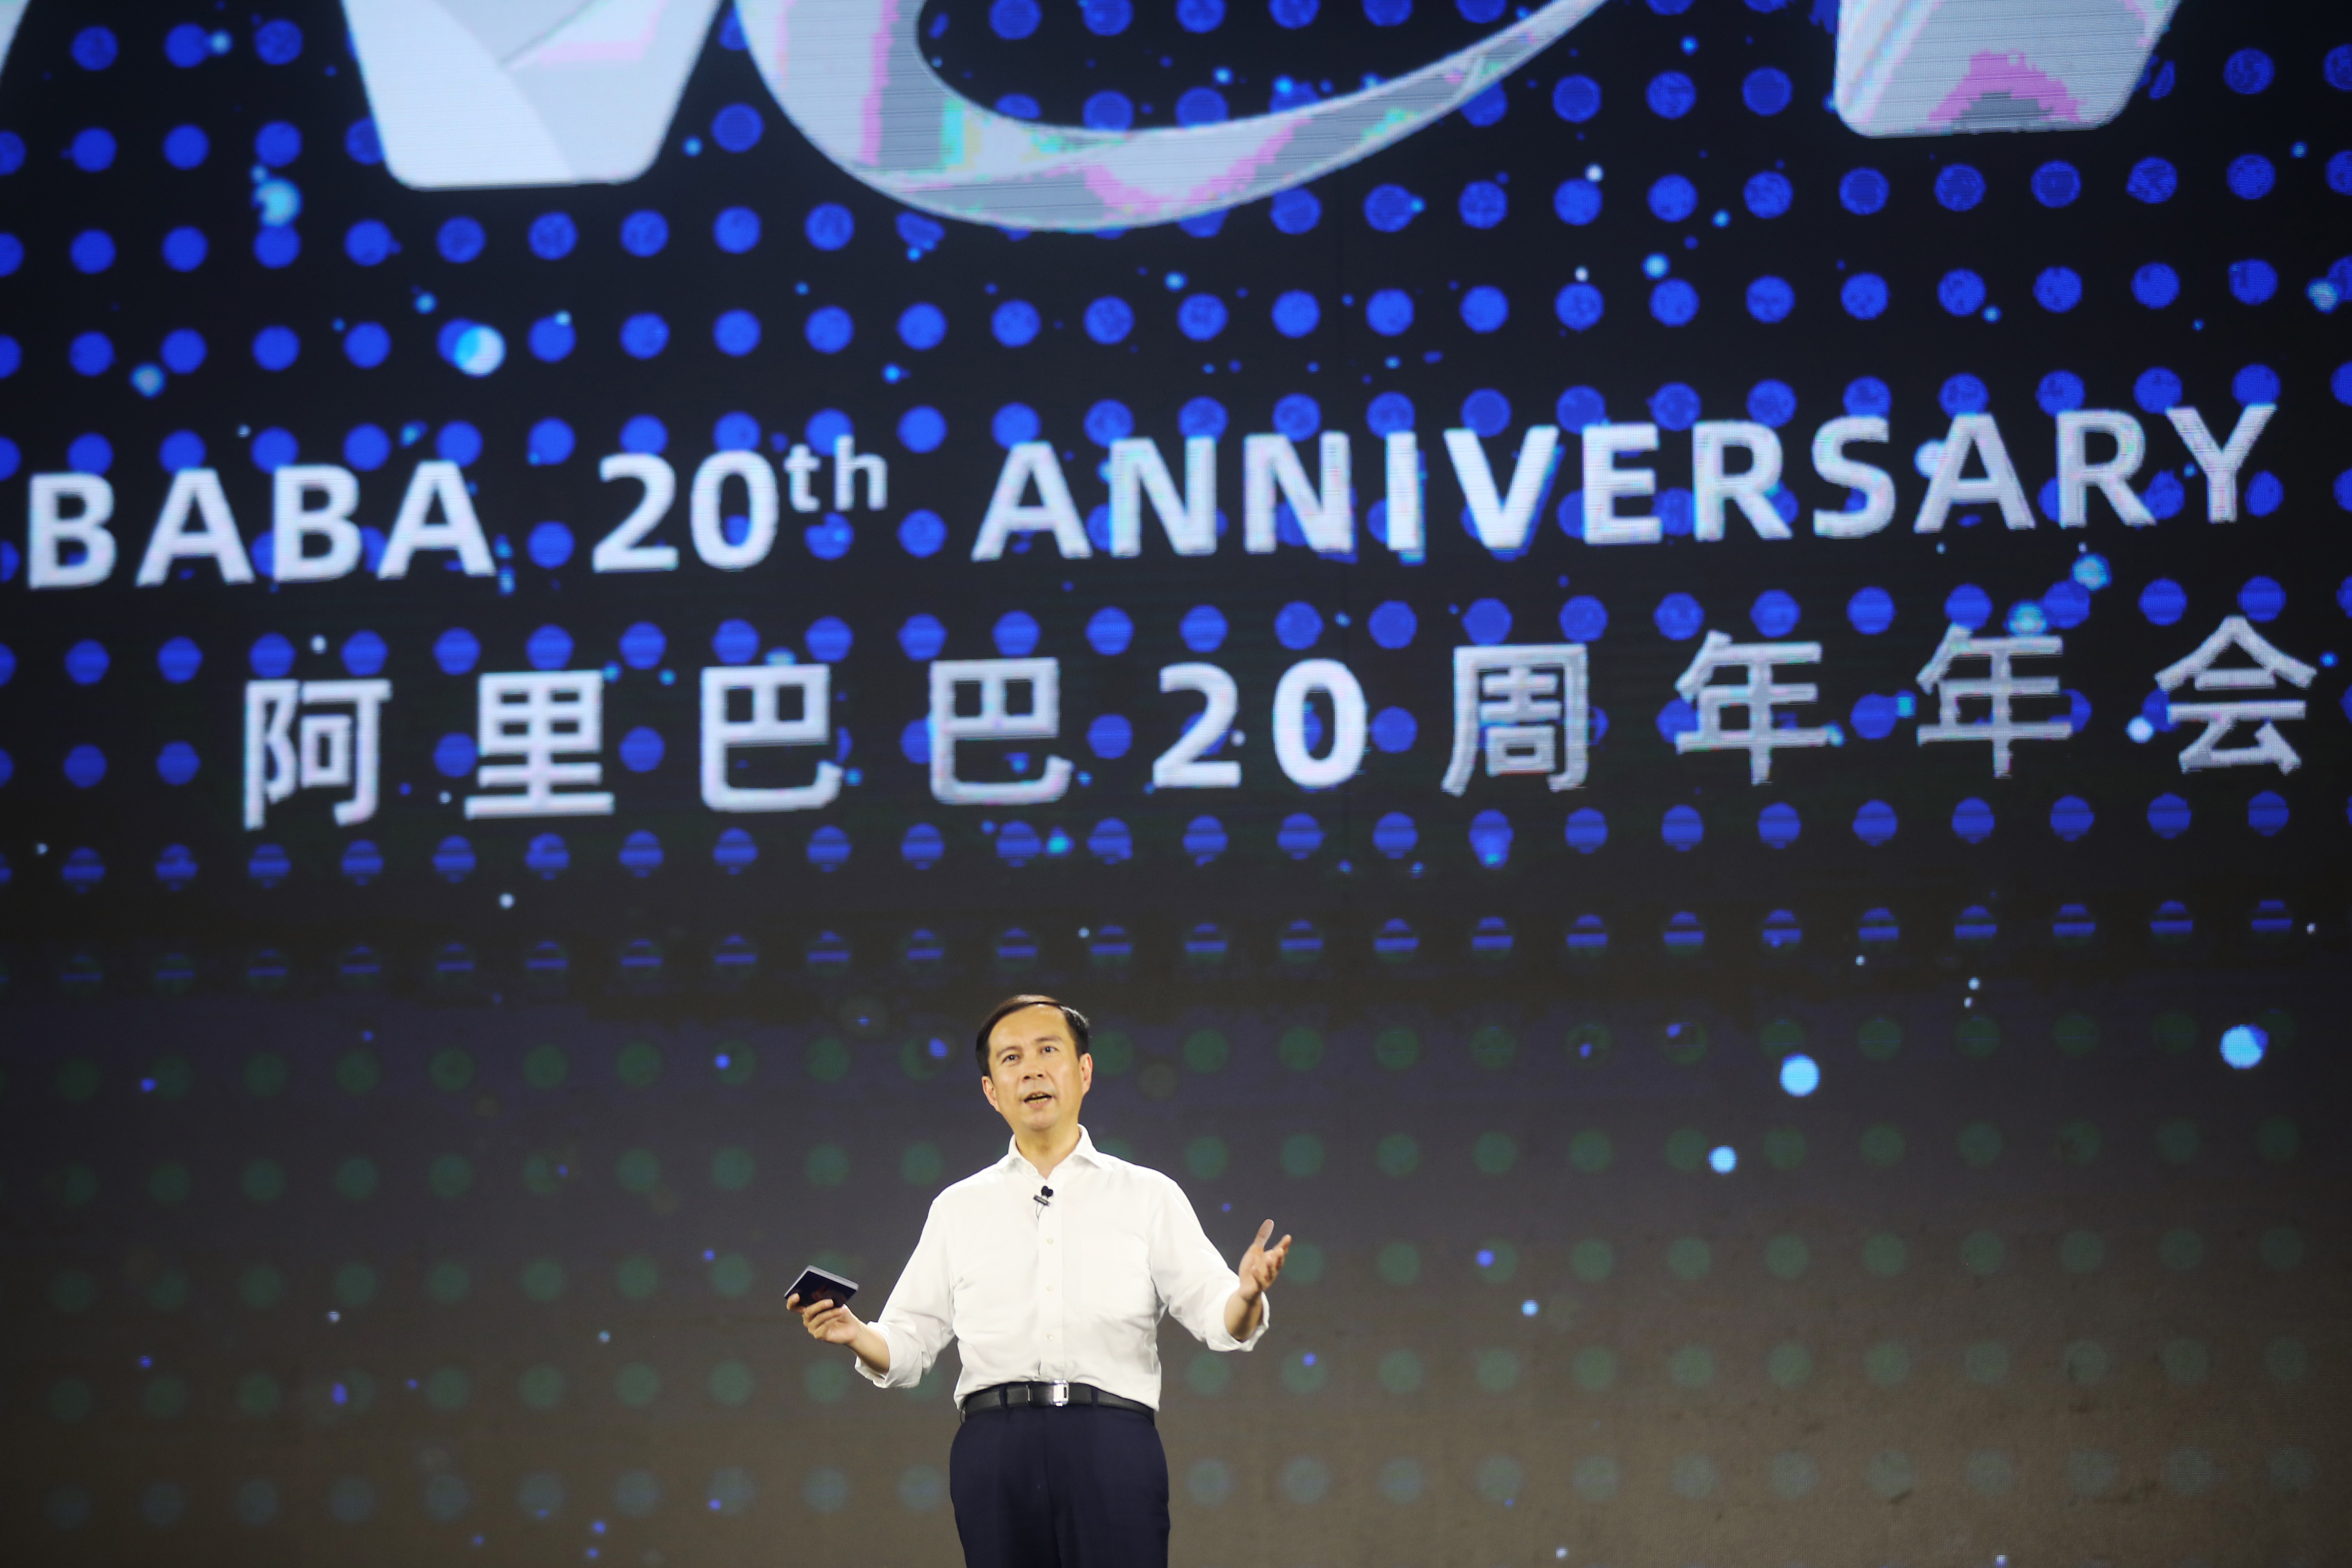 张勇定下阿里巴巴新目标:未来五年服务超10亿消费者,实现超10万亿消费总规模